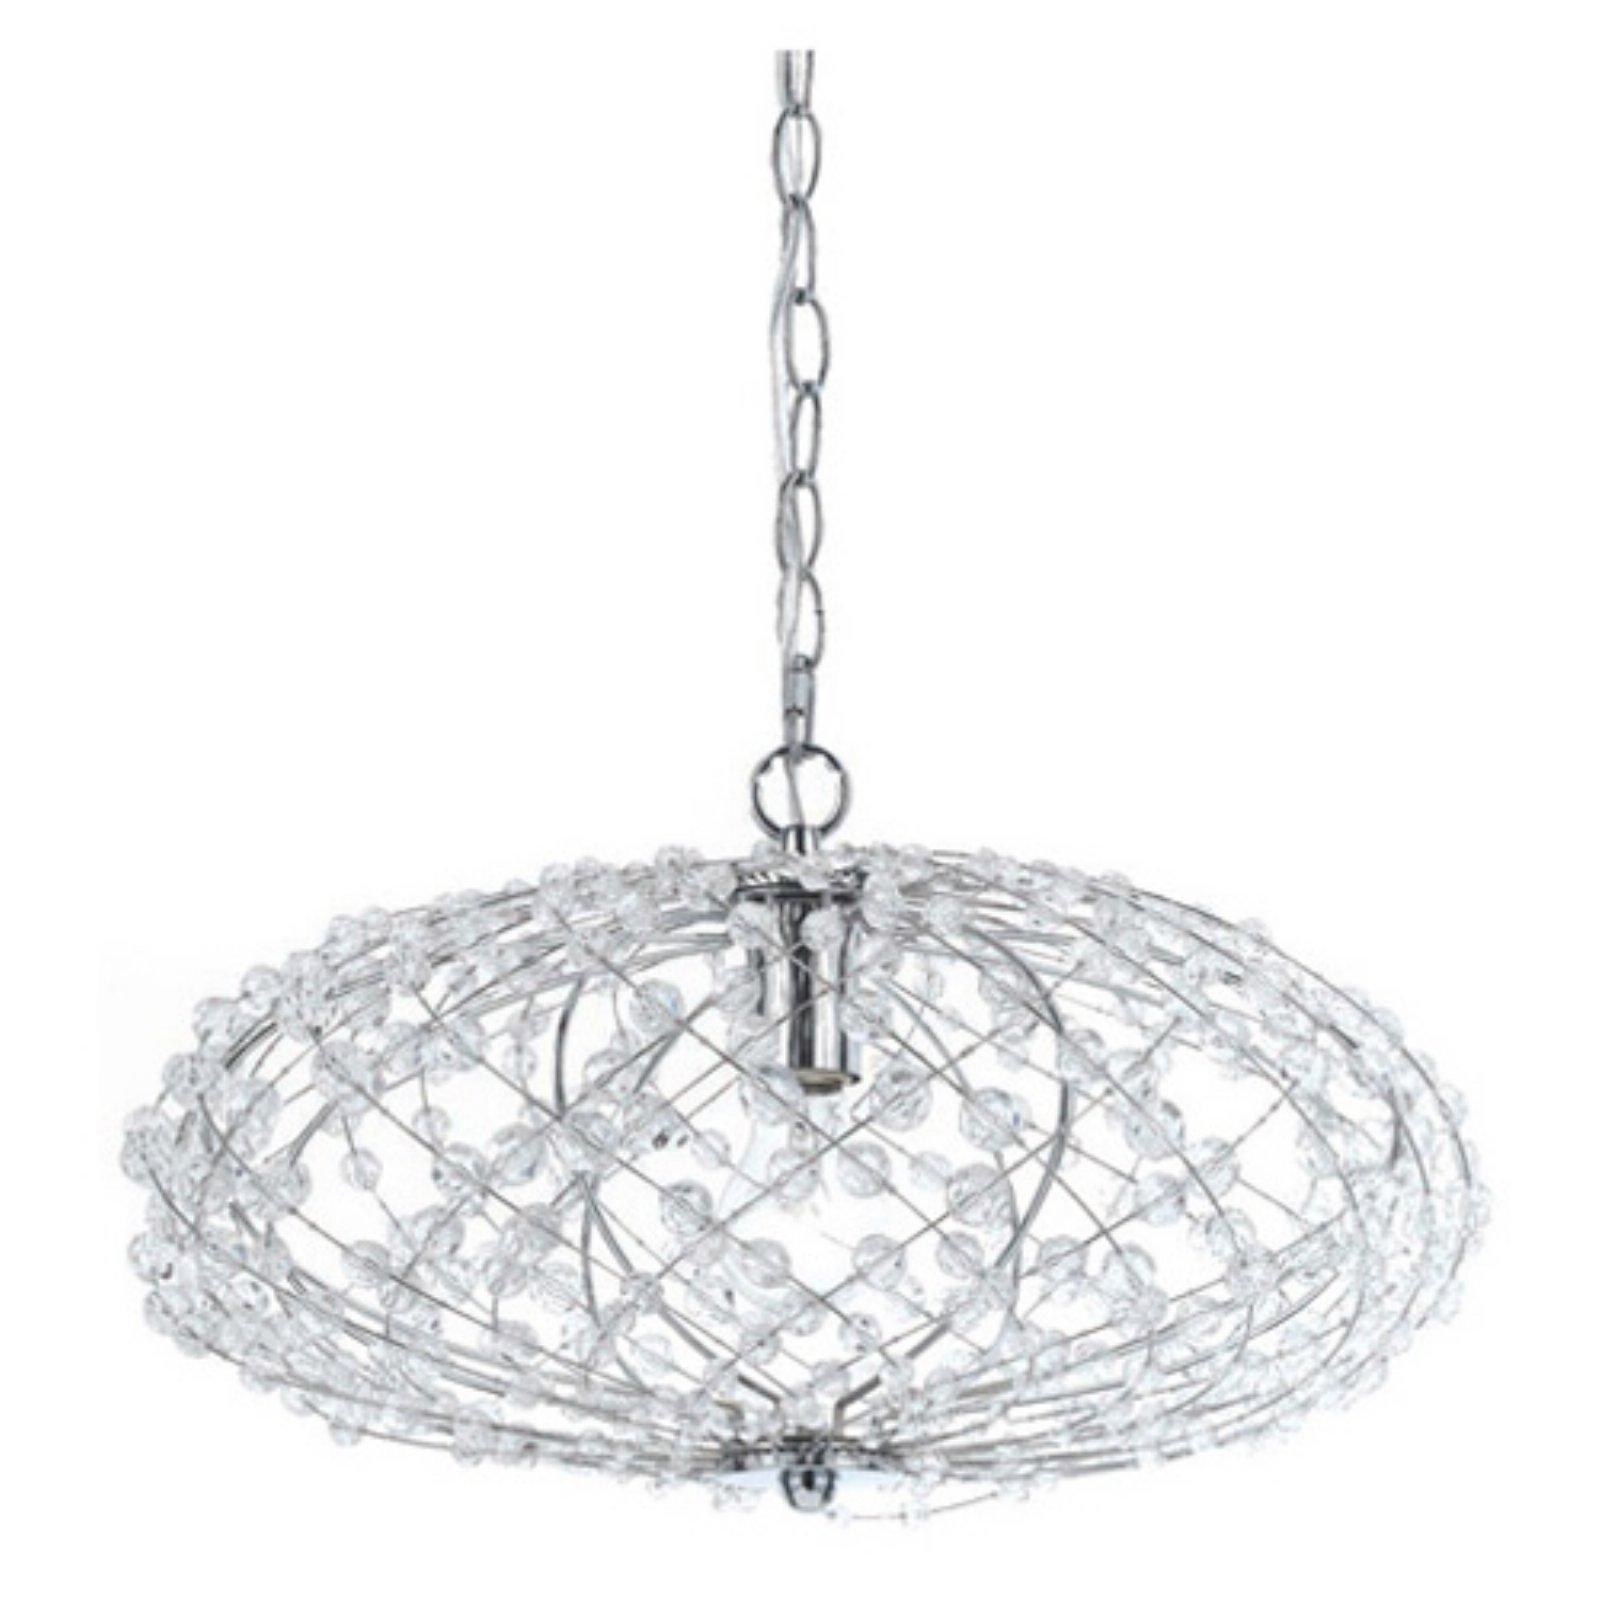 AF Lighting 8286-1H Oval Silver Web Pendant